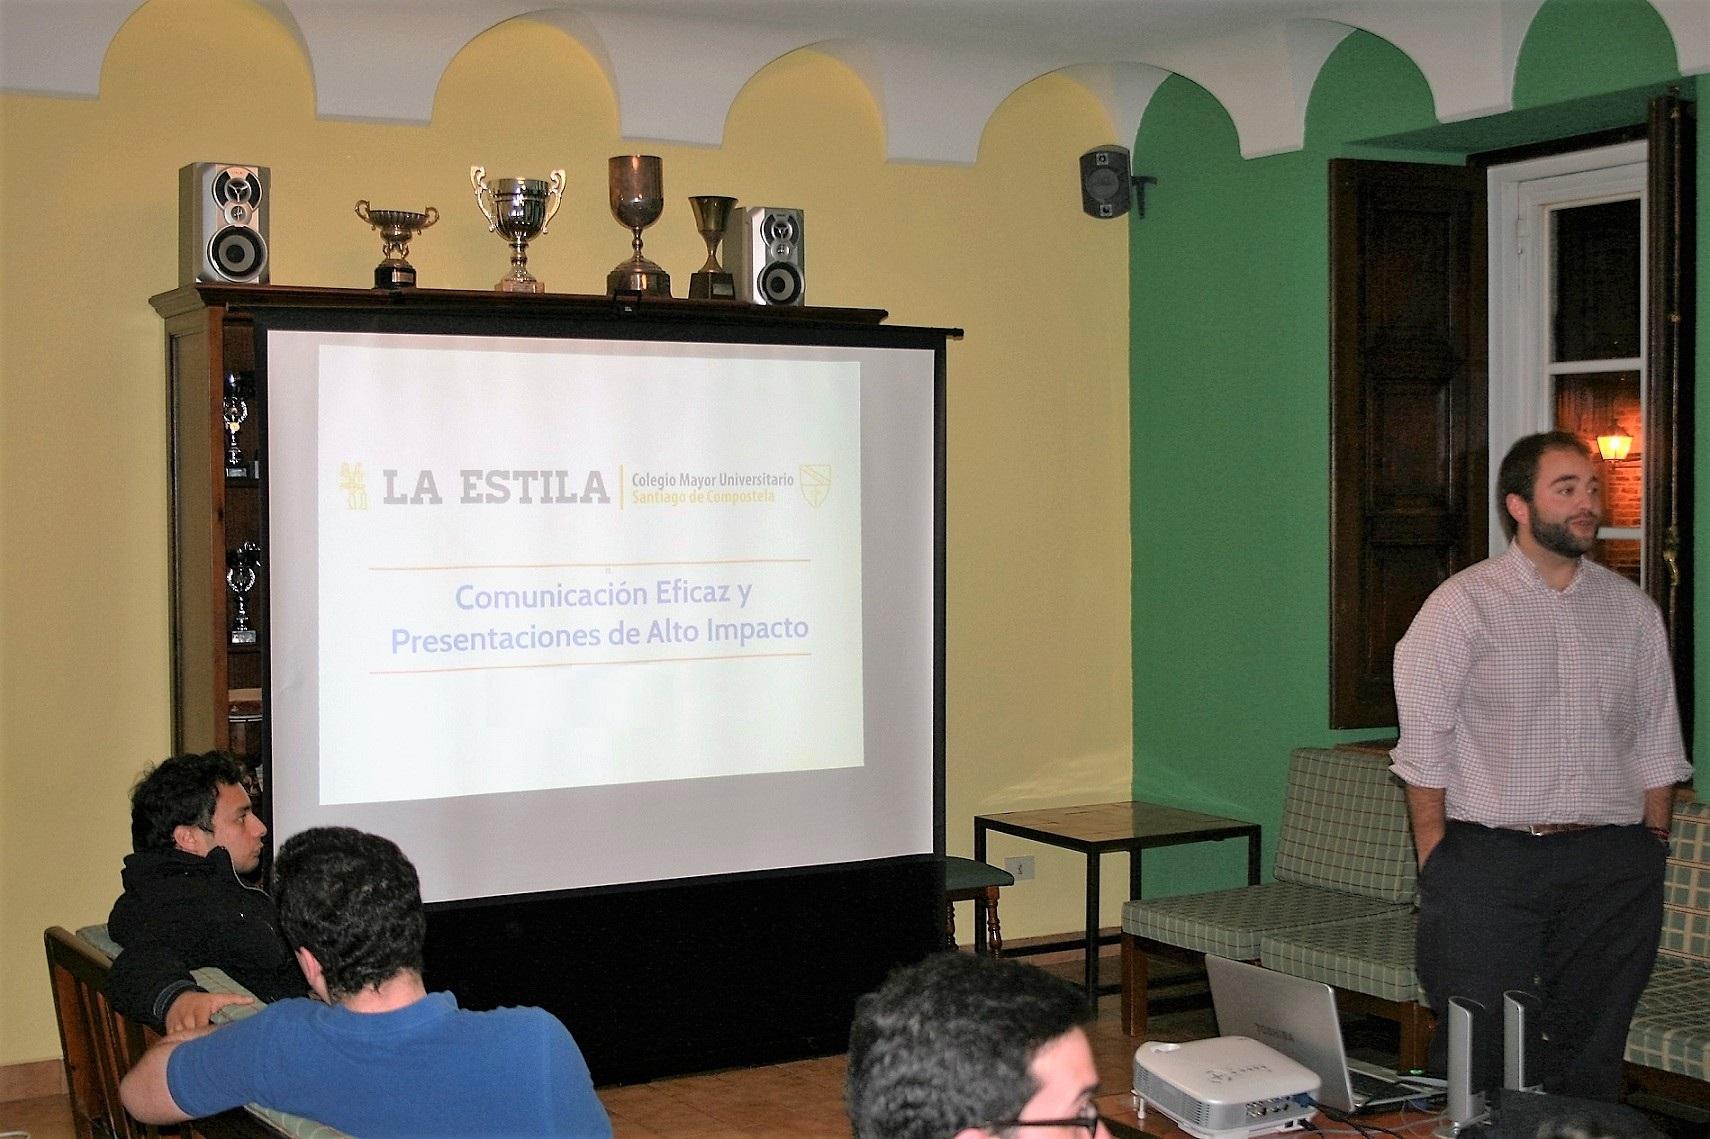 El Colegio Mayor organiza un taller para enseñar a los universitarios las habilidades necesarias para hablar mejor en público